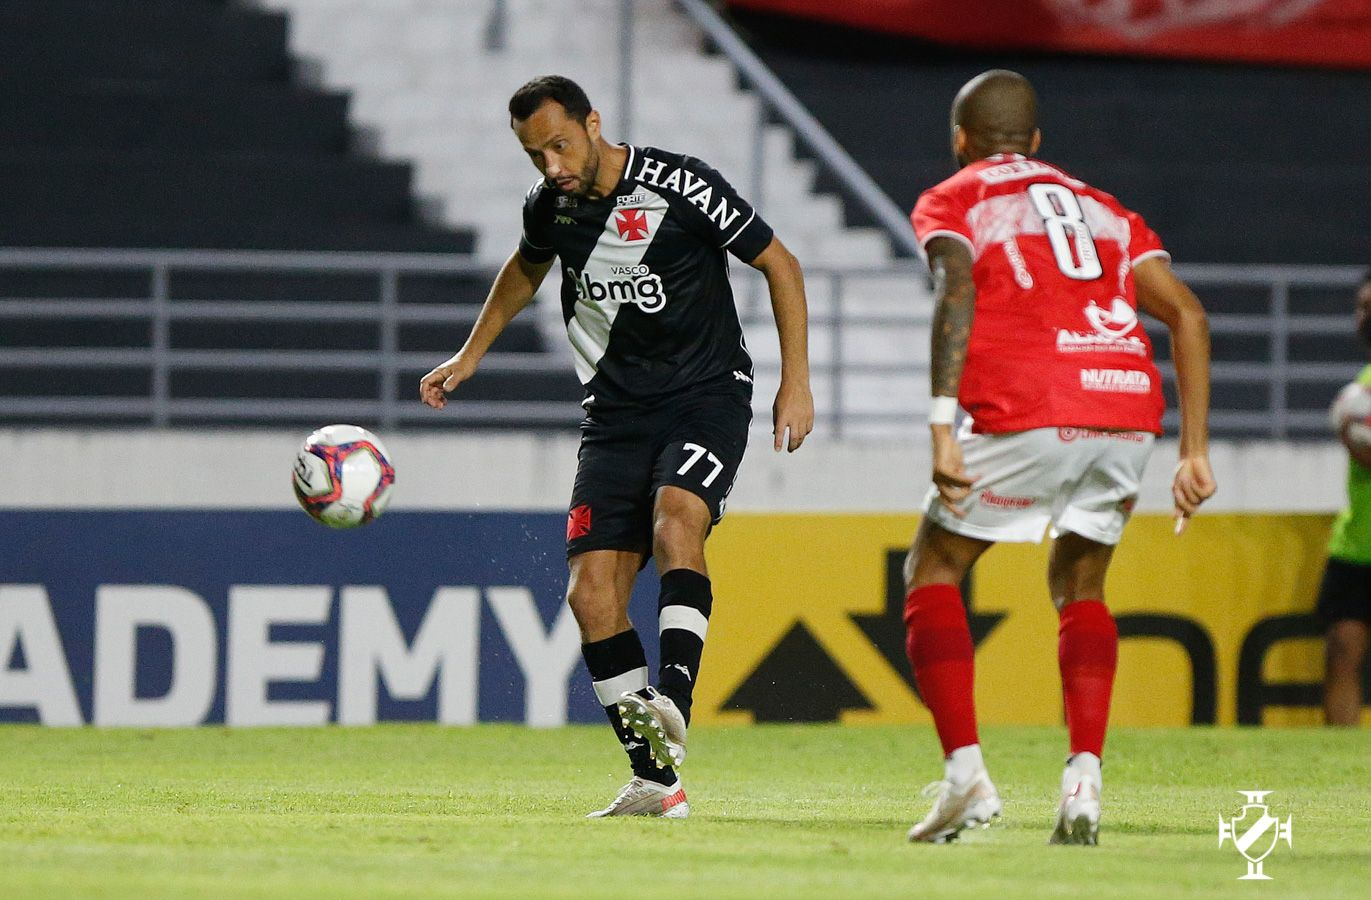 Vasco vence o CRB por 1 a 0 pela Série B na estreia de Fernando Diniz e volta de Nenê